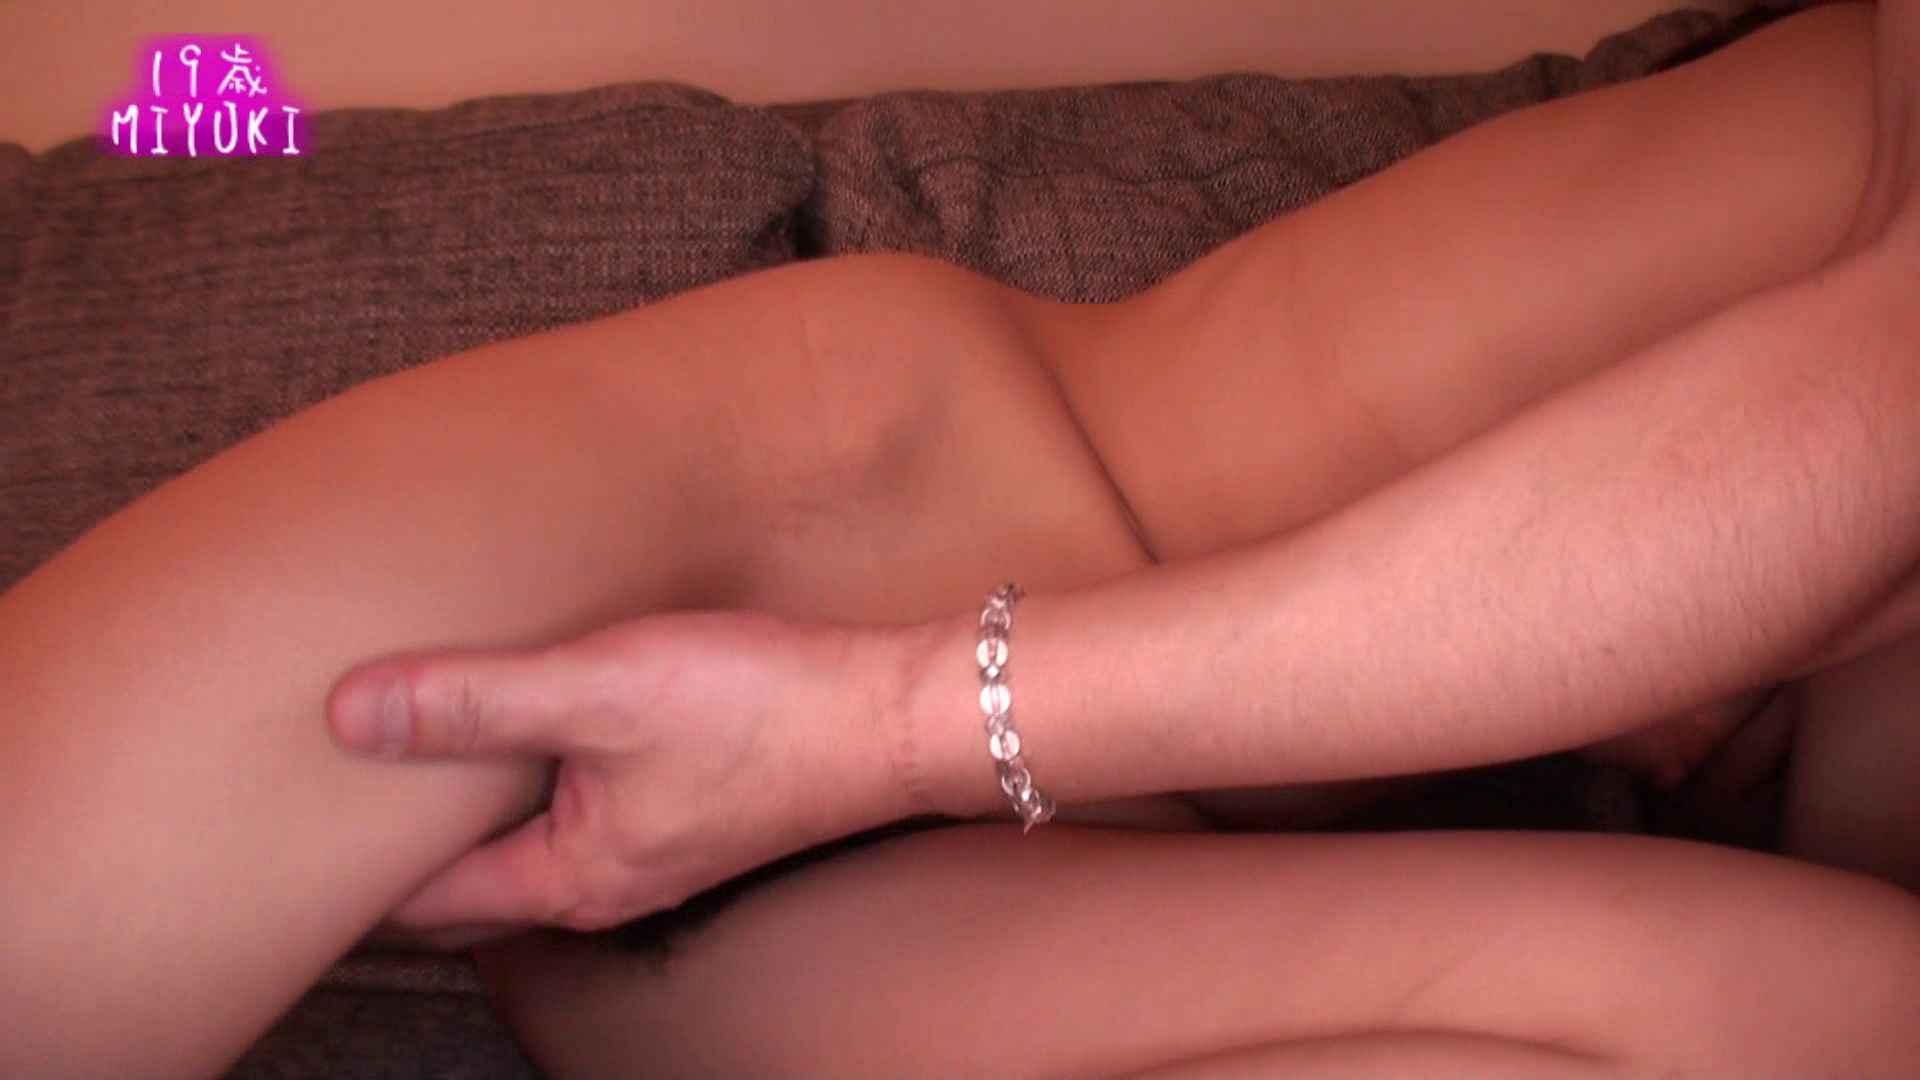 19歳MIYUKIちゃんのフェラ気持ち良さそうです フェラ  101連発 24